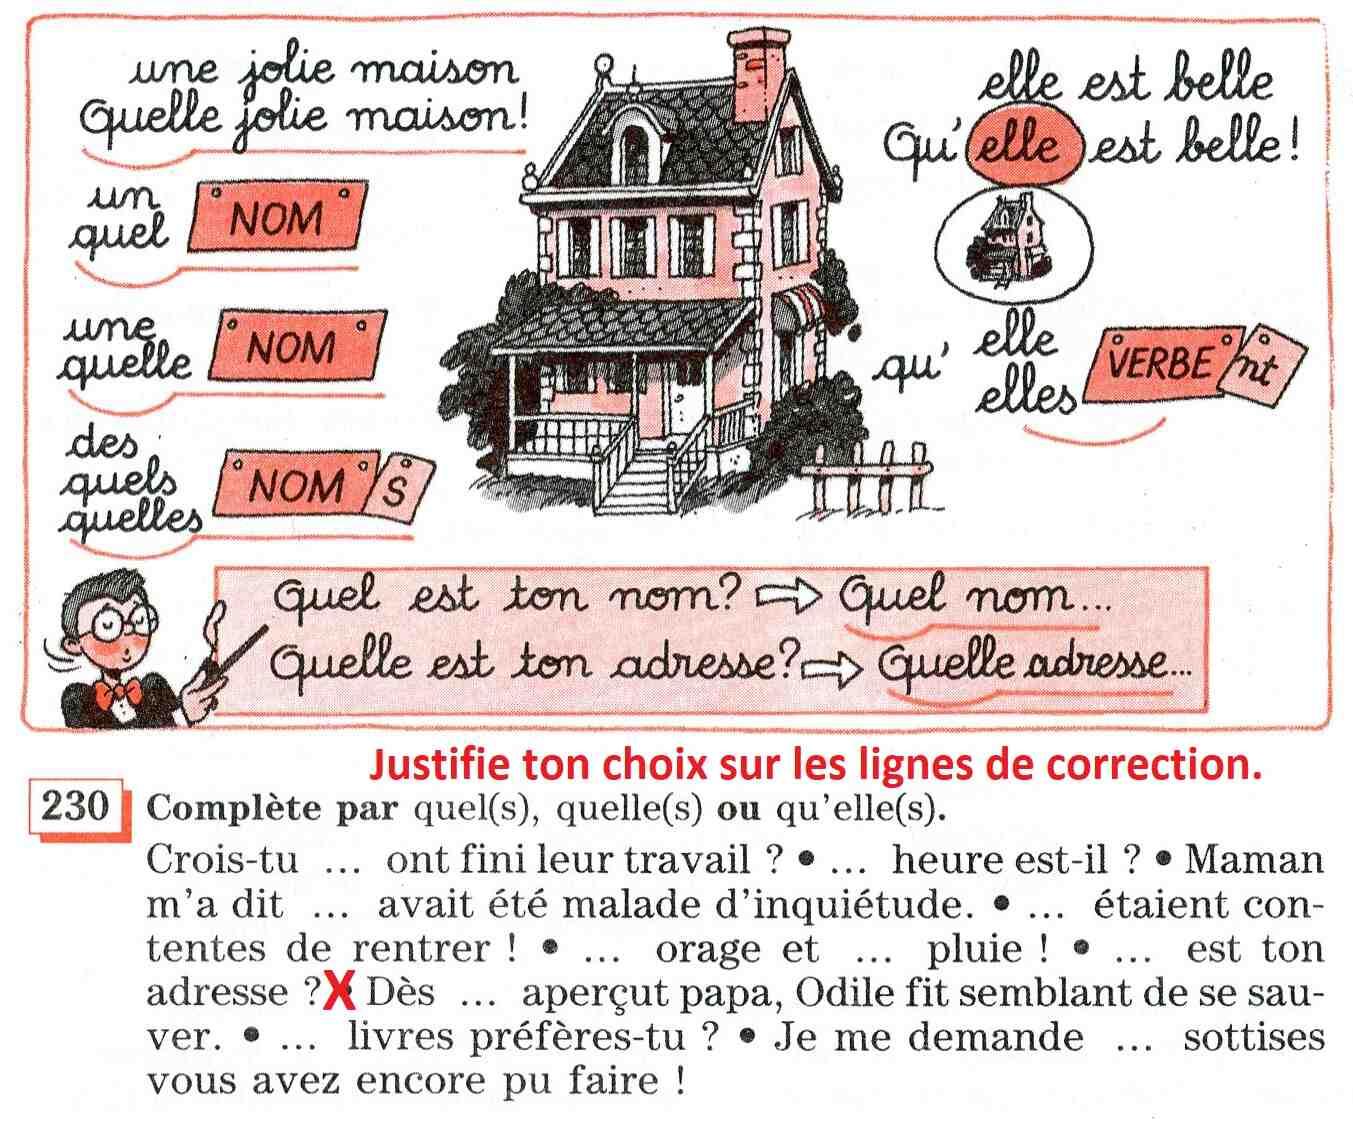 Lequel quel quel quel français est facile?